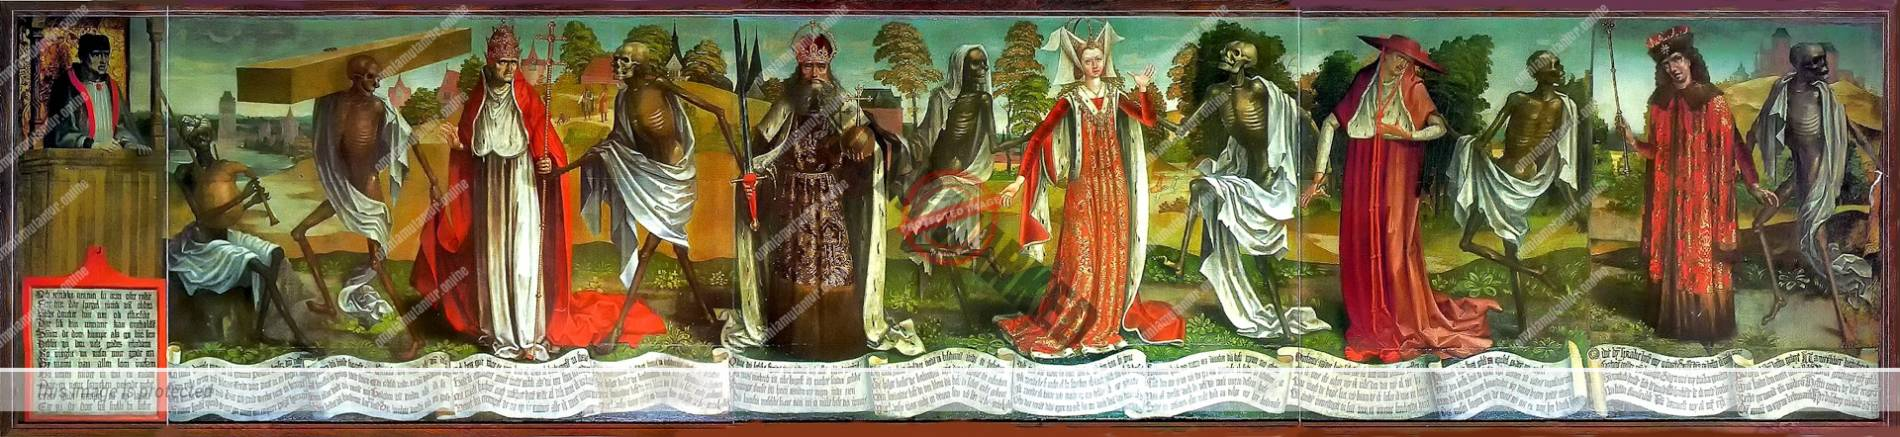 Danse Macabre in Tallinn by Bernt Notke 1463–66